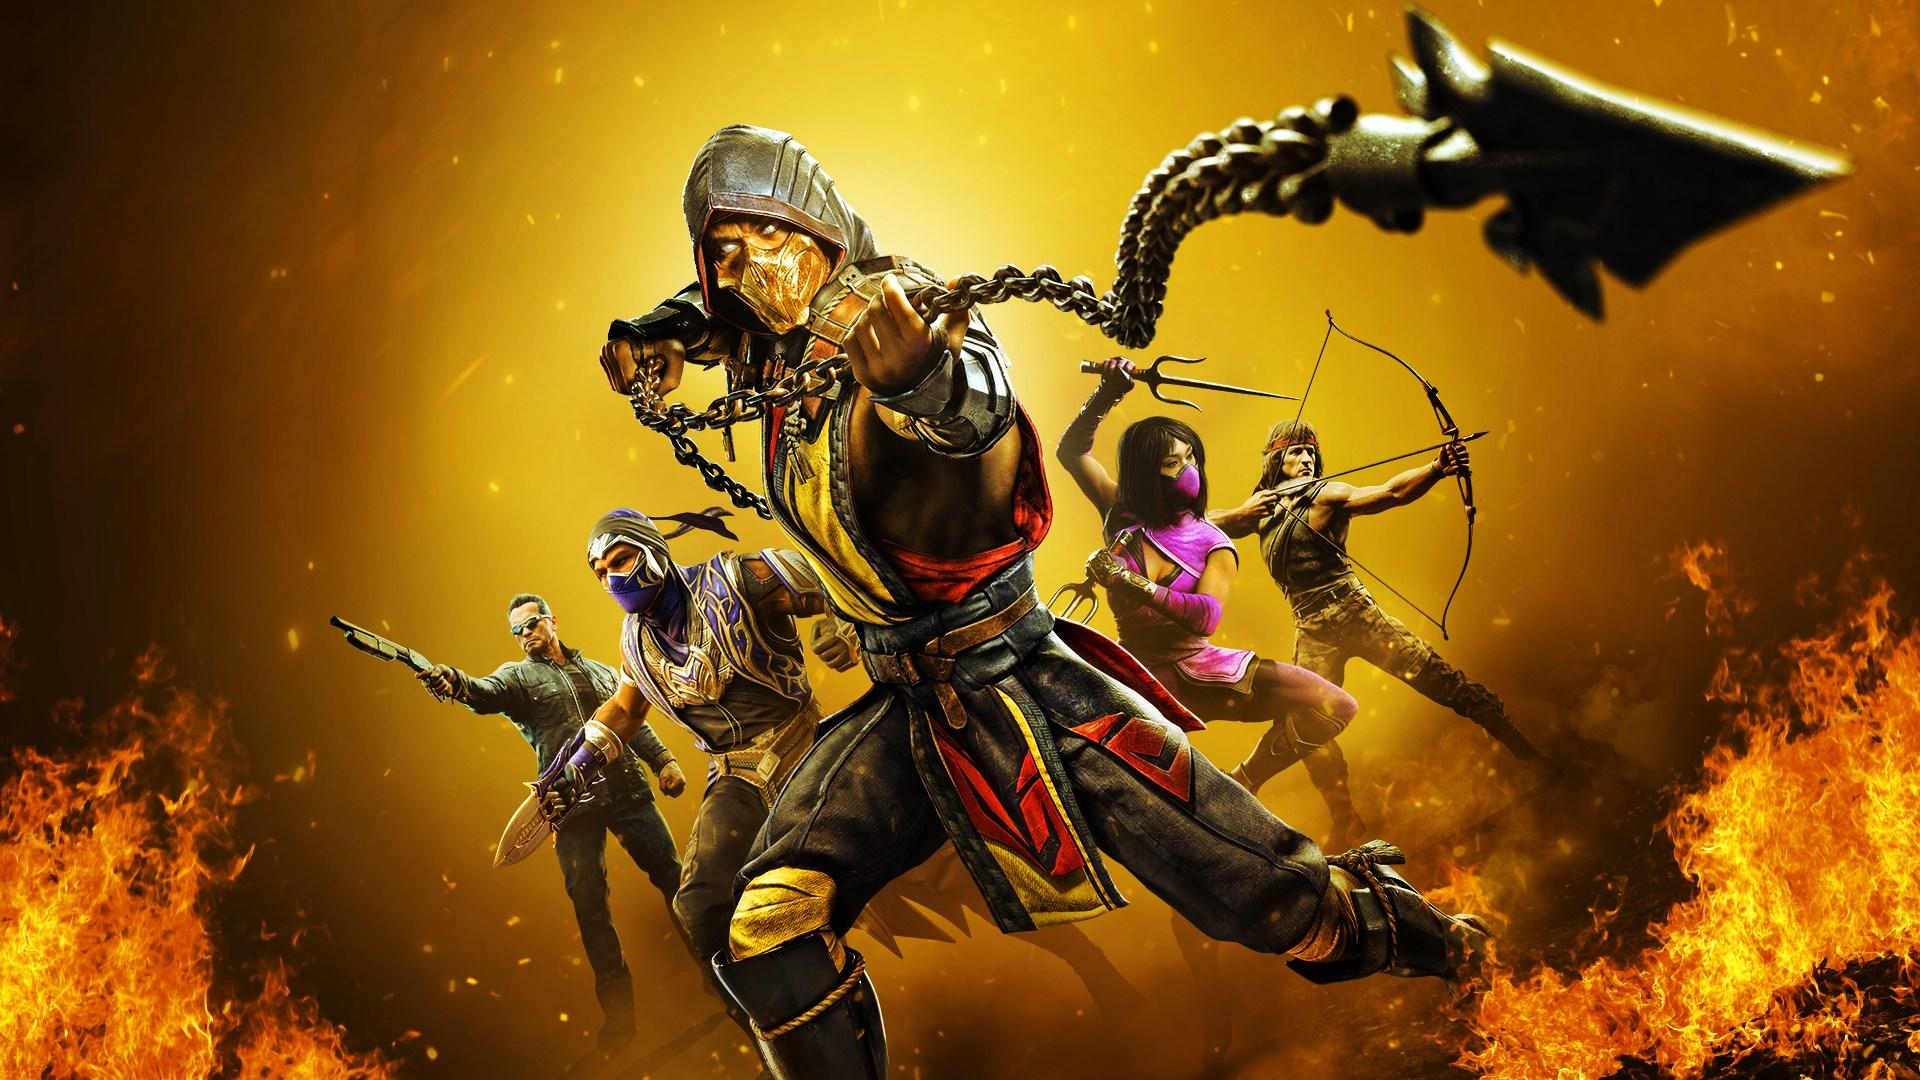 Logótipo oficial e mais detalhes do novo filme Mortal Kombat